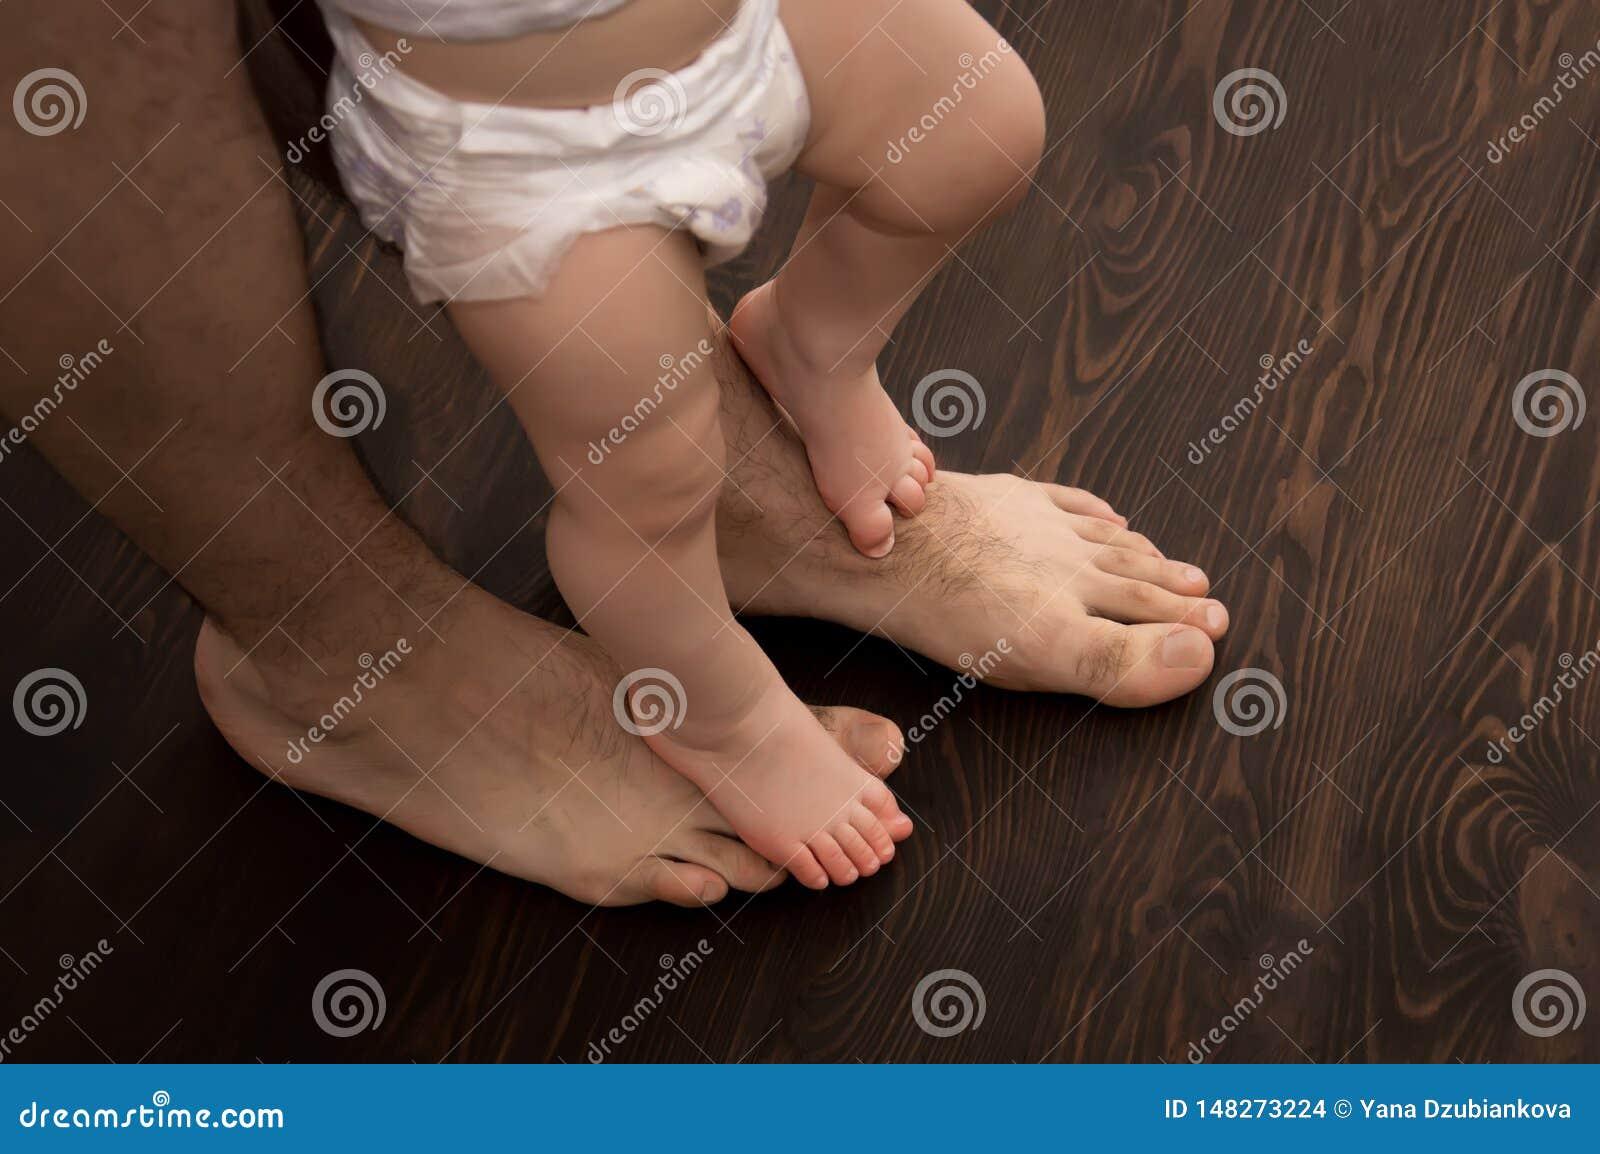 Το παιδί κάνει το πρώτο βήμα Μεγάλα αρσενικά πόδια με τα μικρά πόδια μωρών Ο μπαμπάς βοηθά το παιδί να λάβει τα πρώτα μέτρα